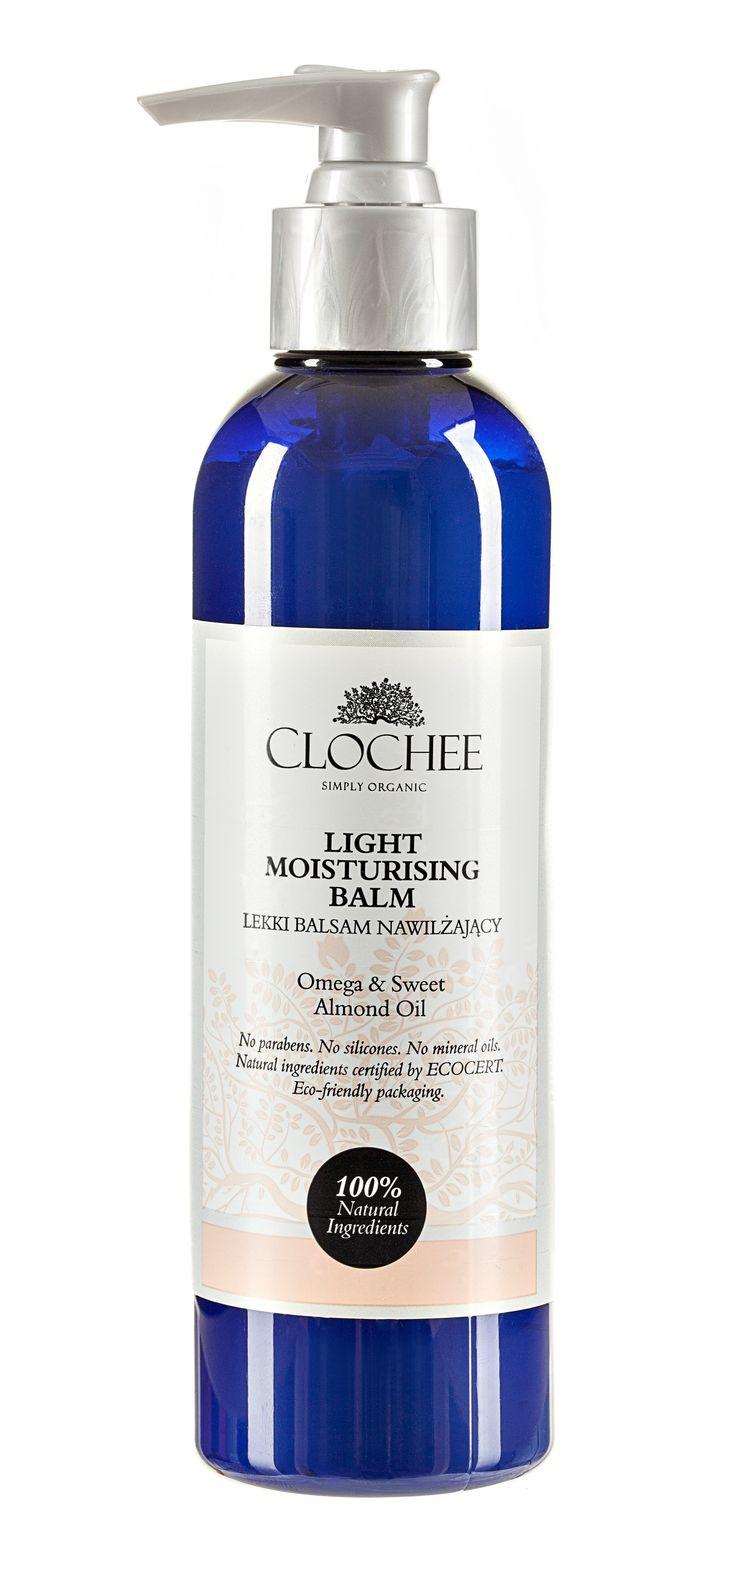 Lekki balsam nawilżający, ale za to jakie działanie! I do tego ten orientalny zapach. Clochee wie, czego pragnie kobieca skóra.